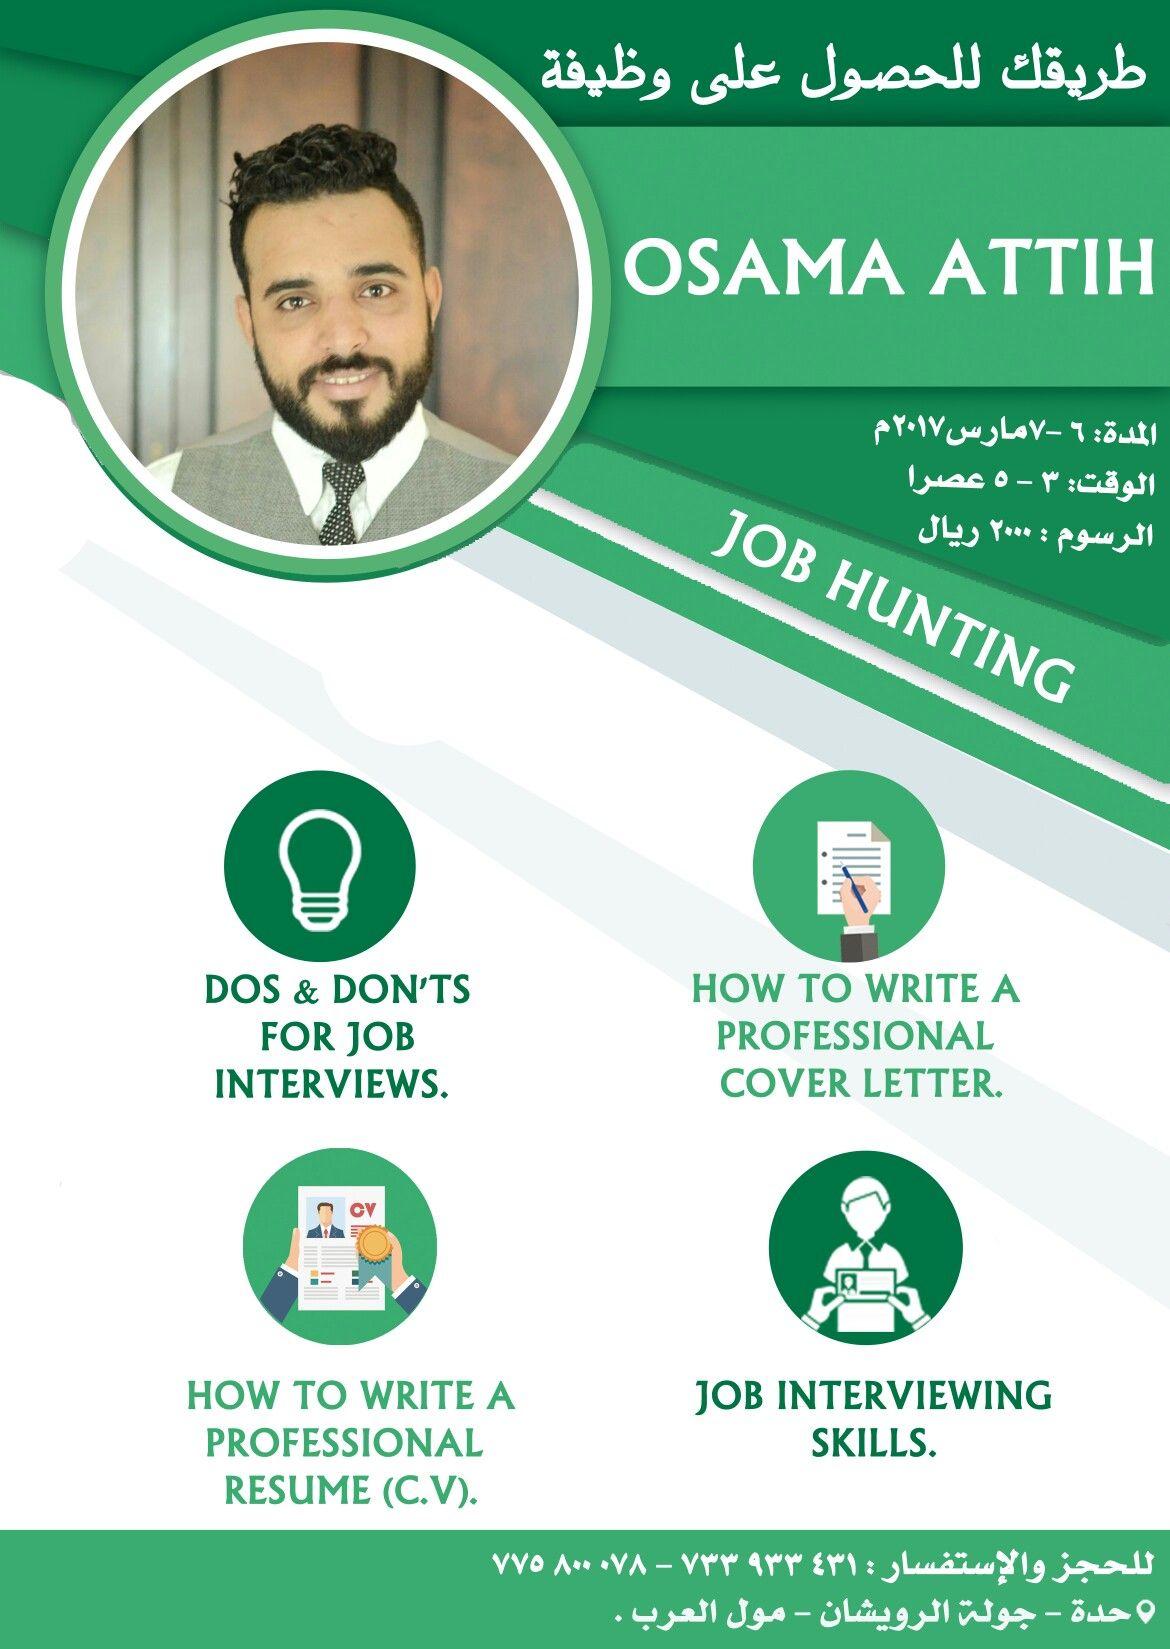 تصميم اعلان البحث عن وظيفة Interview Skills Job Interview Professional Resume